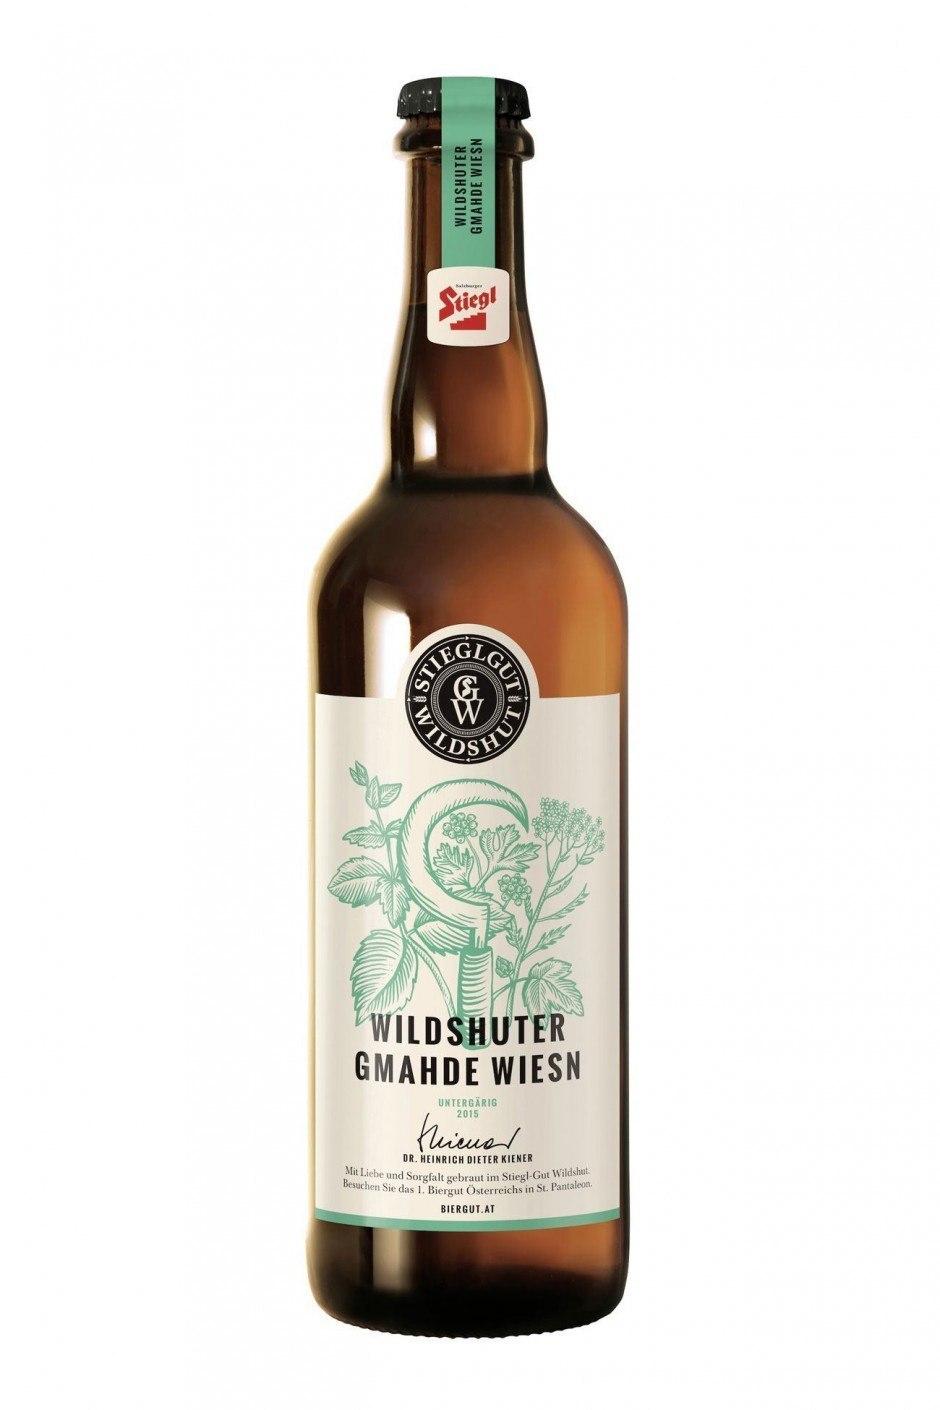 Demner, Merlicek & Bergmann verzichtete bei den Wildshuter Bieren bis auf die eigens produzierte Stanzform auf Veredelungen, denn das Etikettendesign sollte etwas Ursprüngliches, Klassisches und Echtes ausstrahlen.